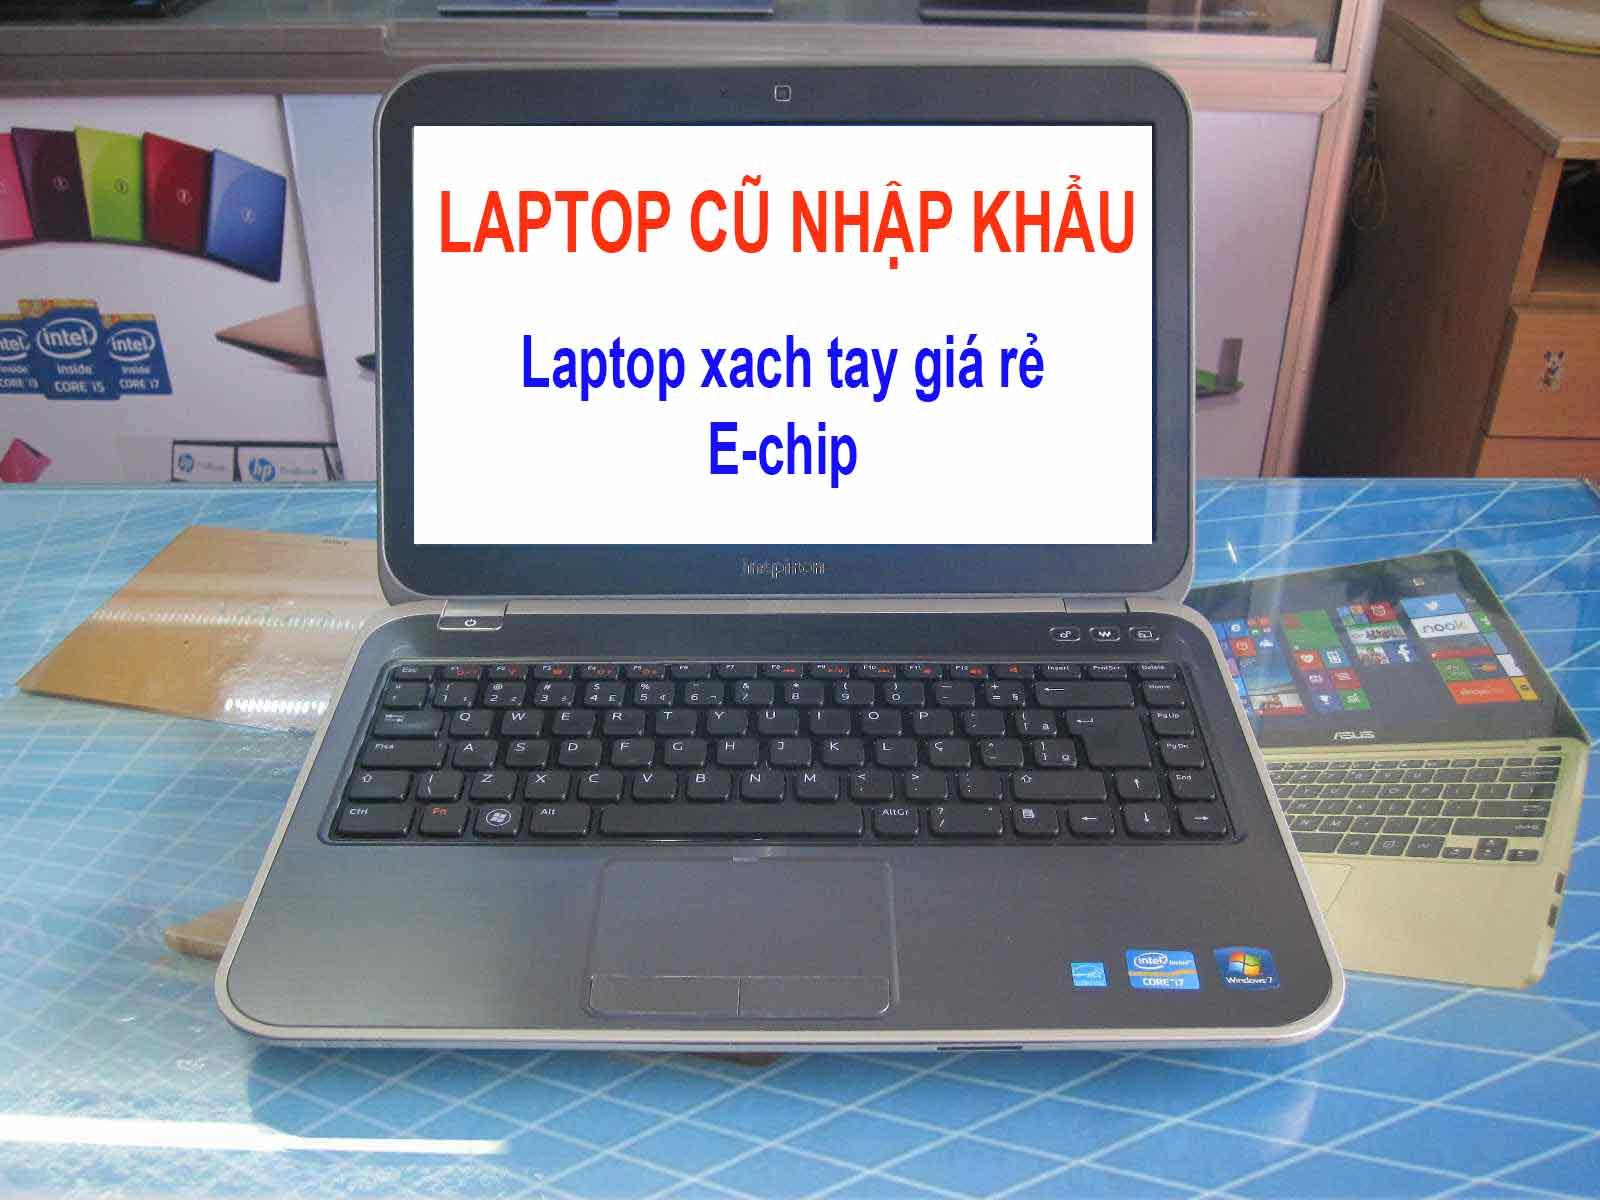 laptop cũ nhập khẩu